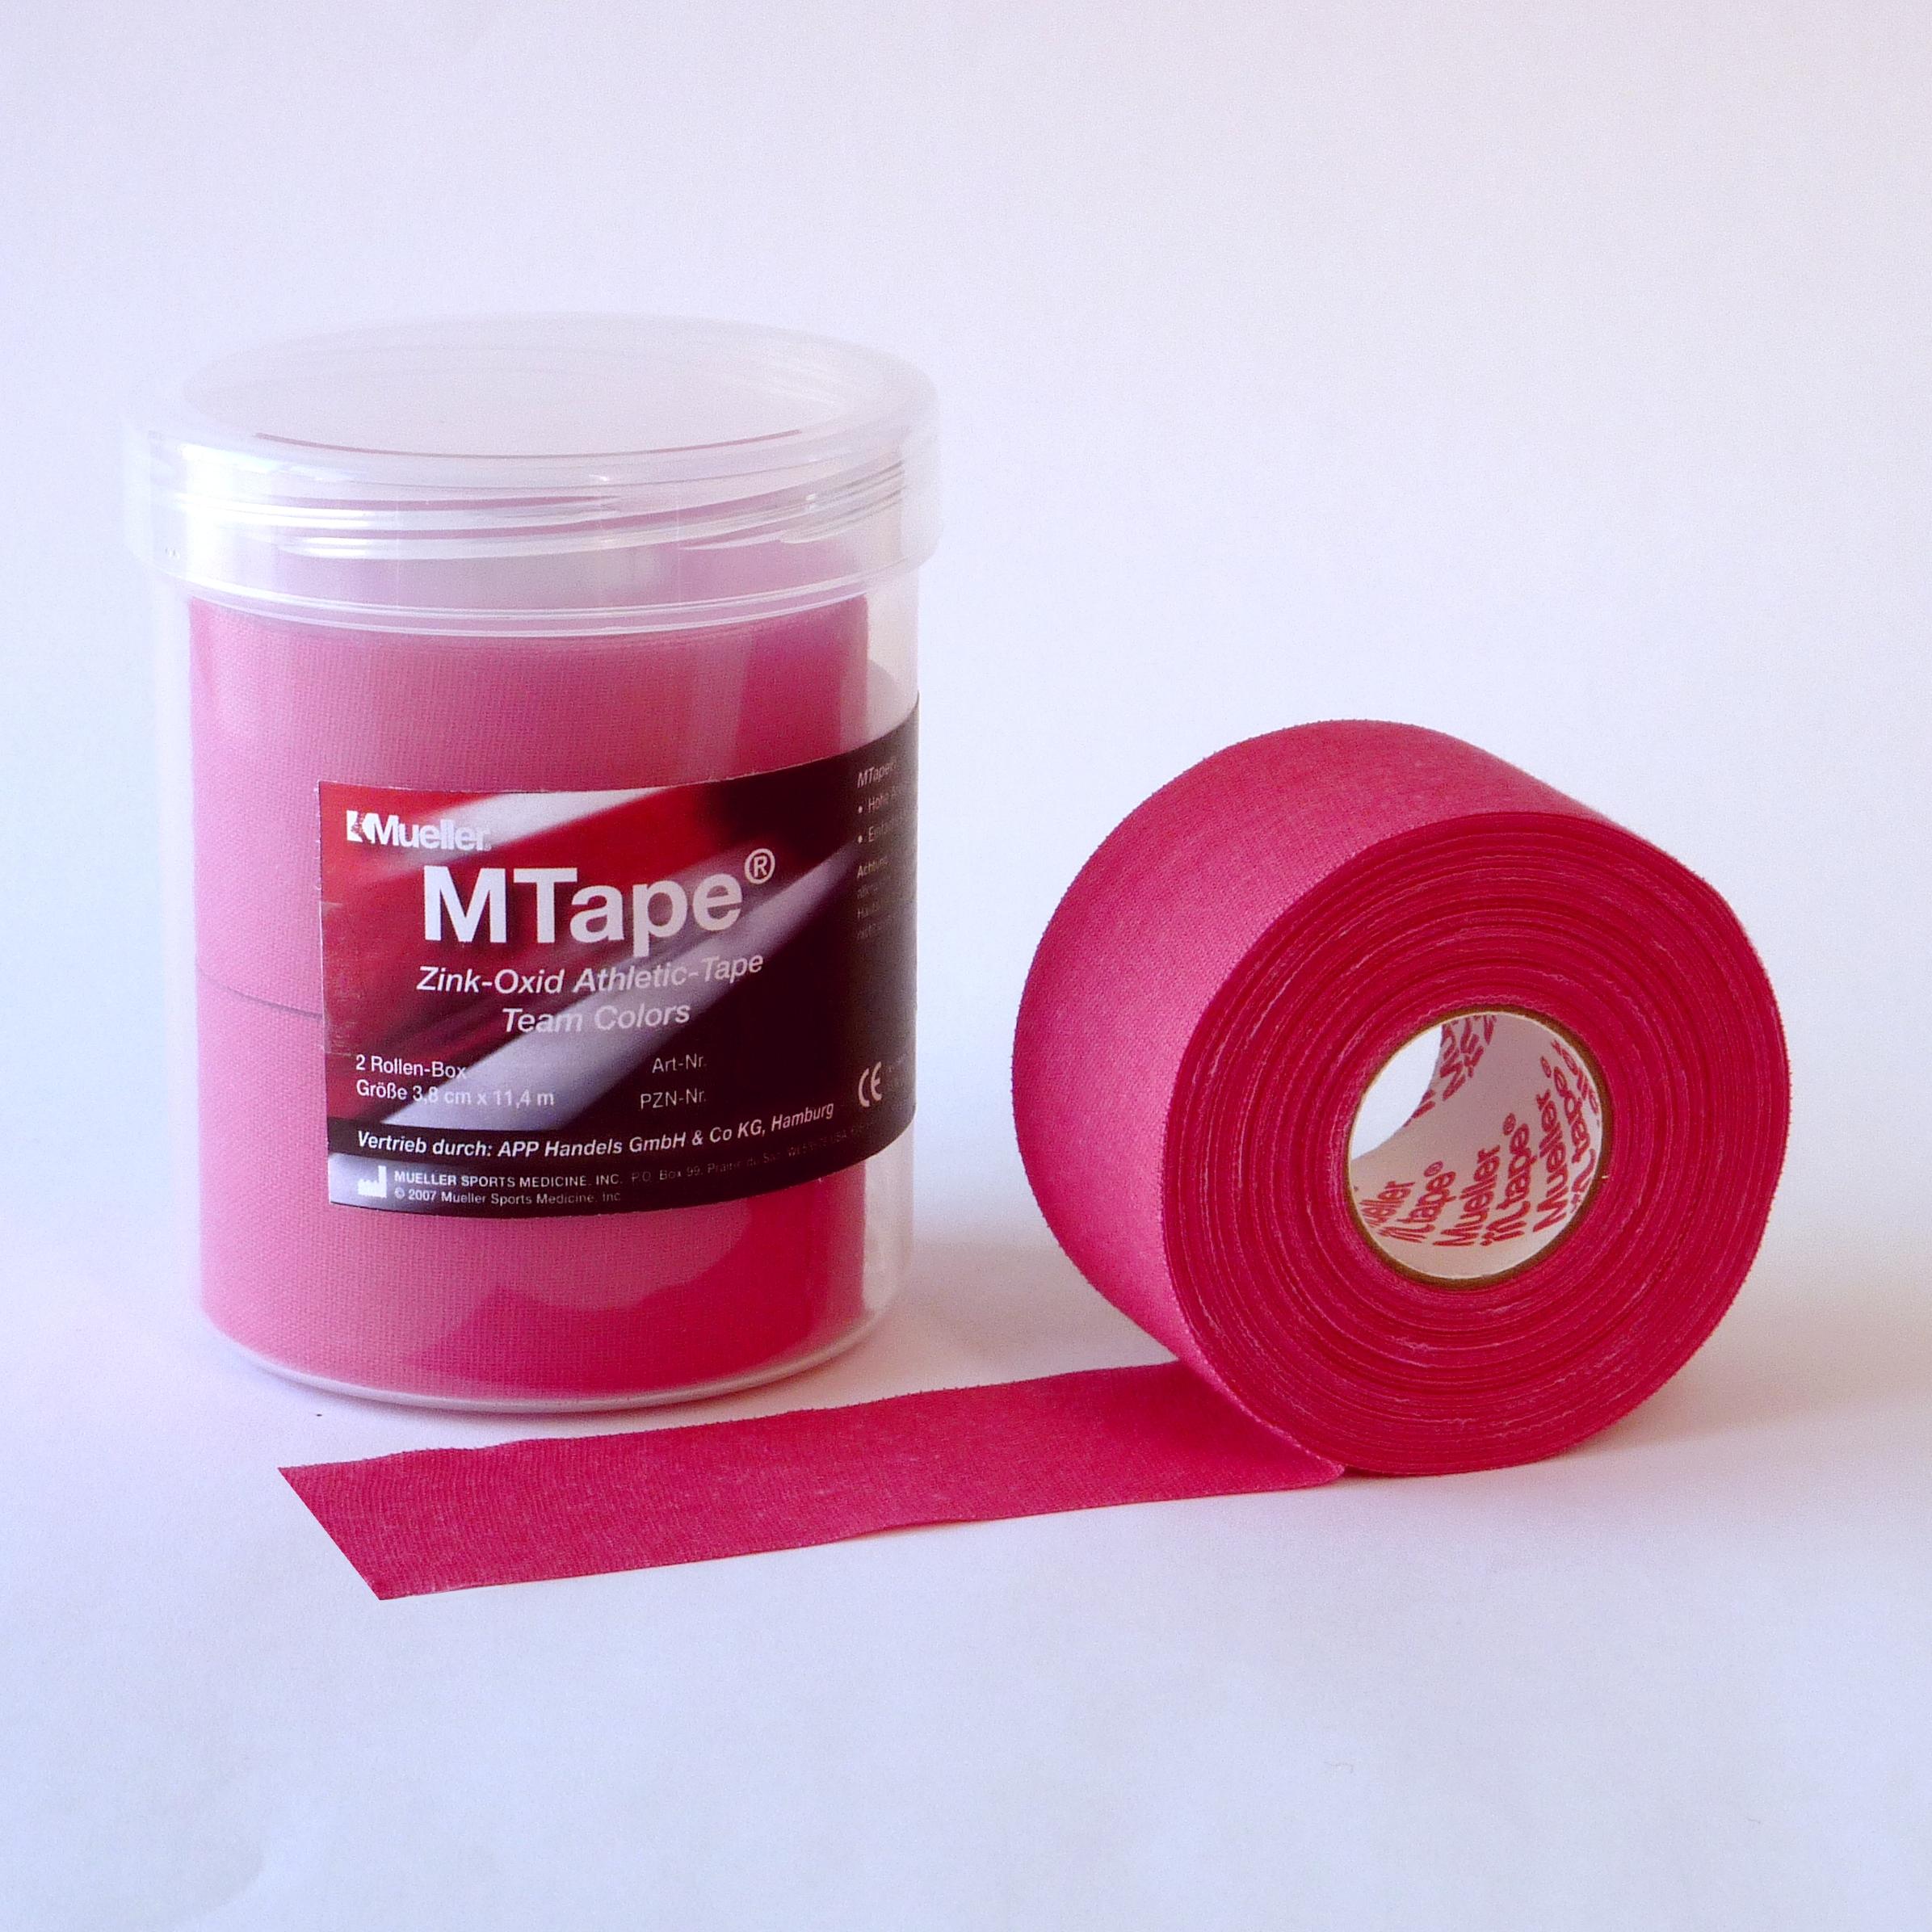 Mueller M-Tape 3,8cm 2-Rollen-Box - Pink